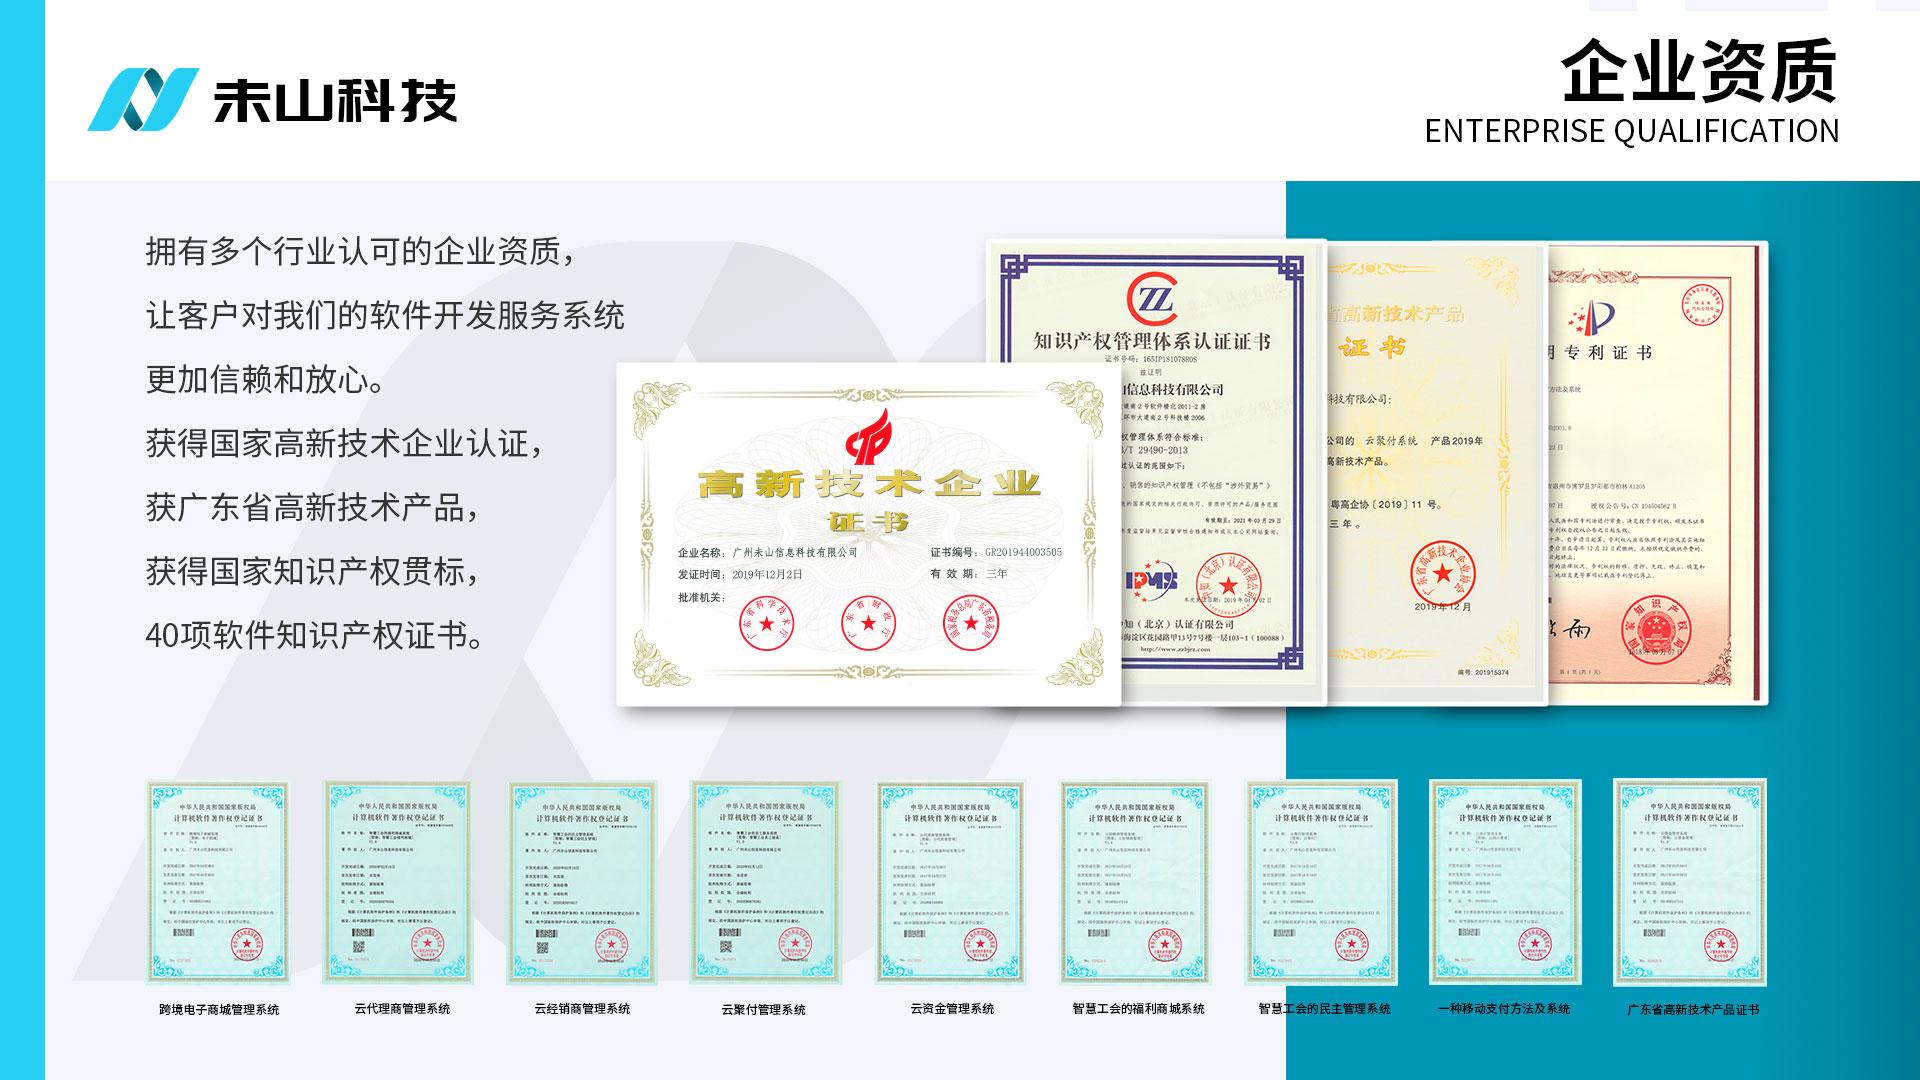 微信小程序开发/微信公众号定制开发/分销电商微商城小程序H5